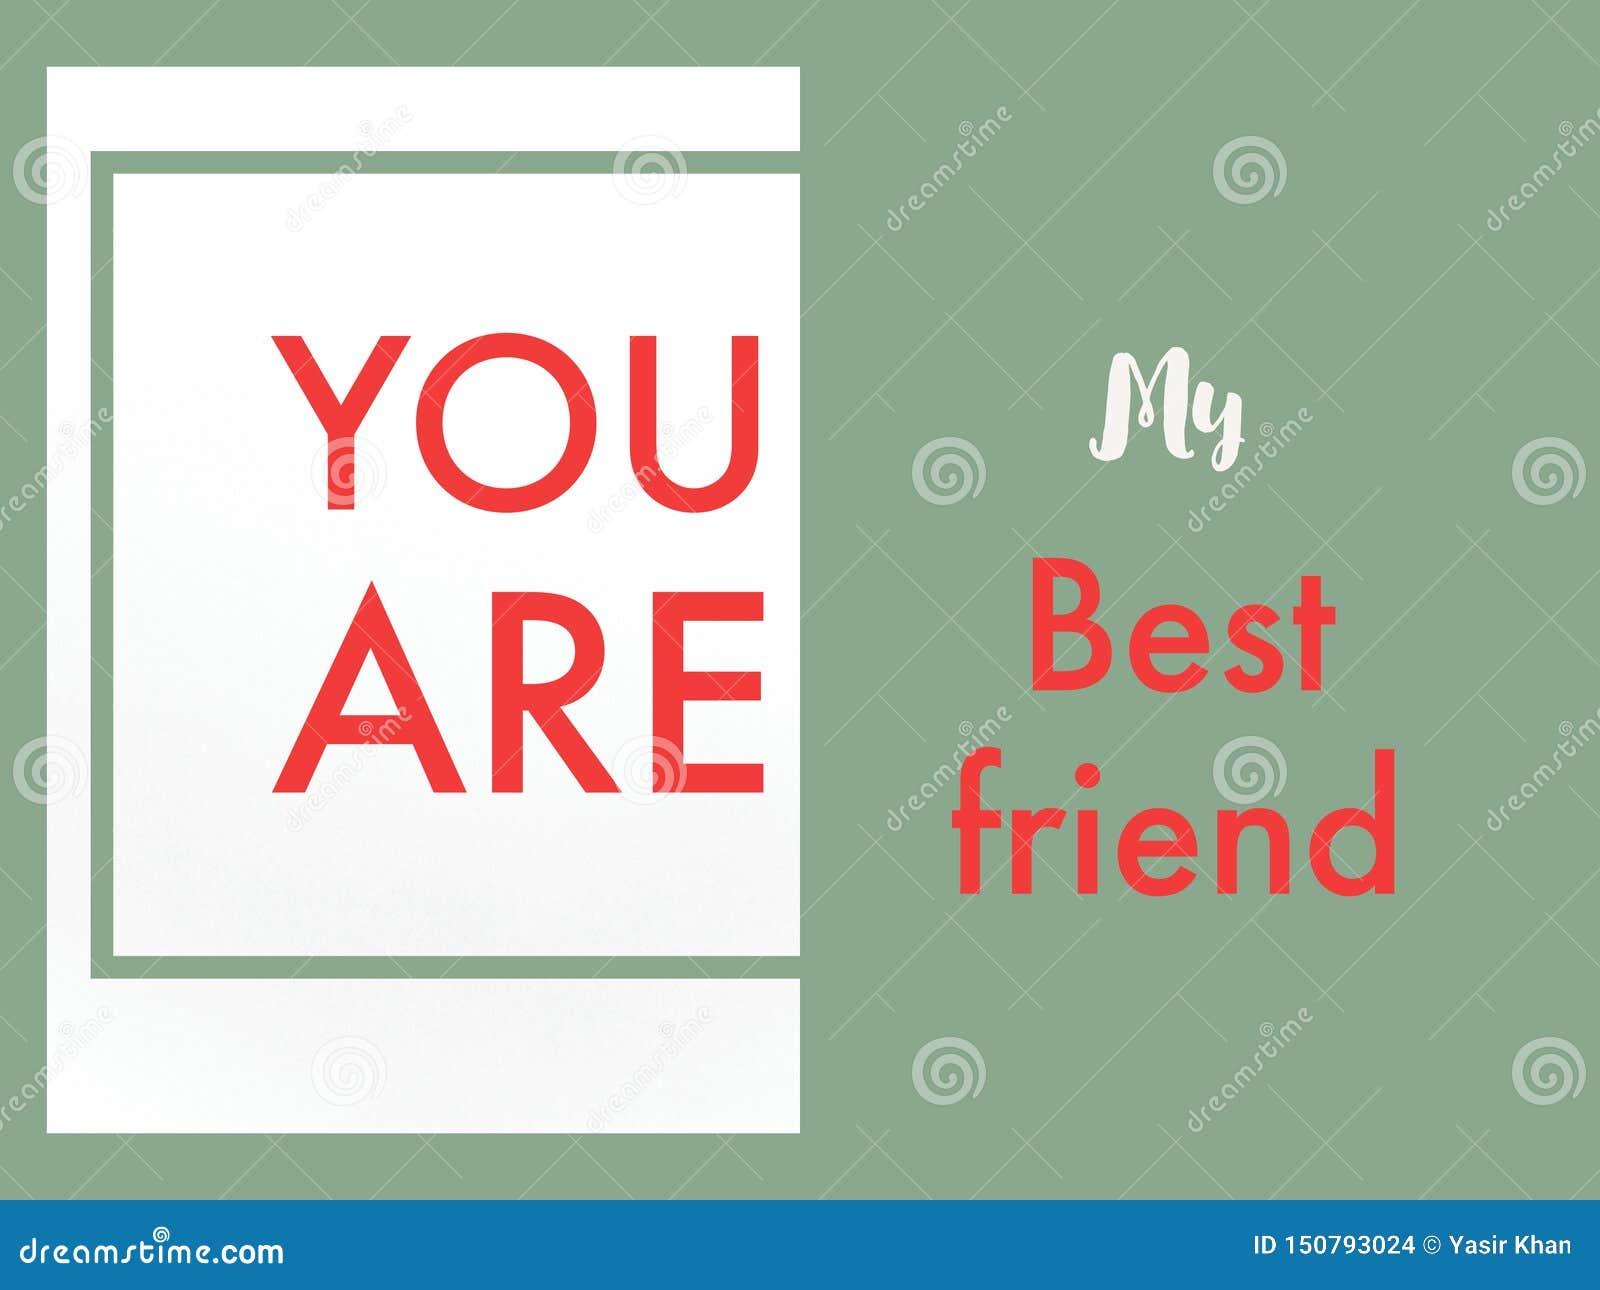 Είστε η κάρτα καλύτερων φίλων μου για τη φιλία